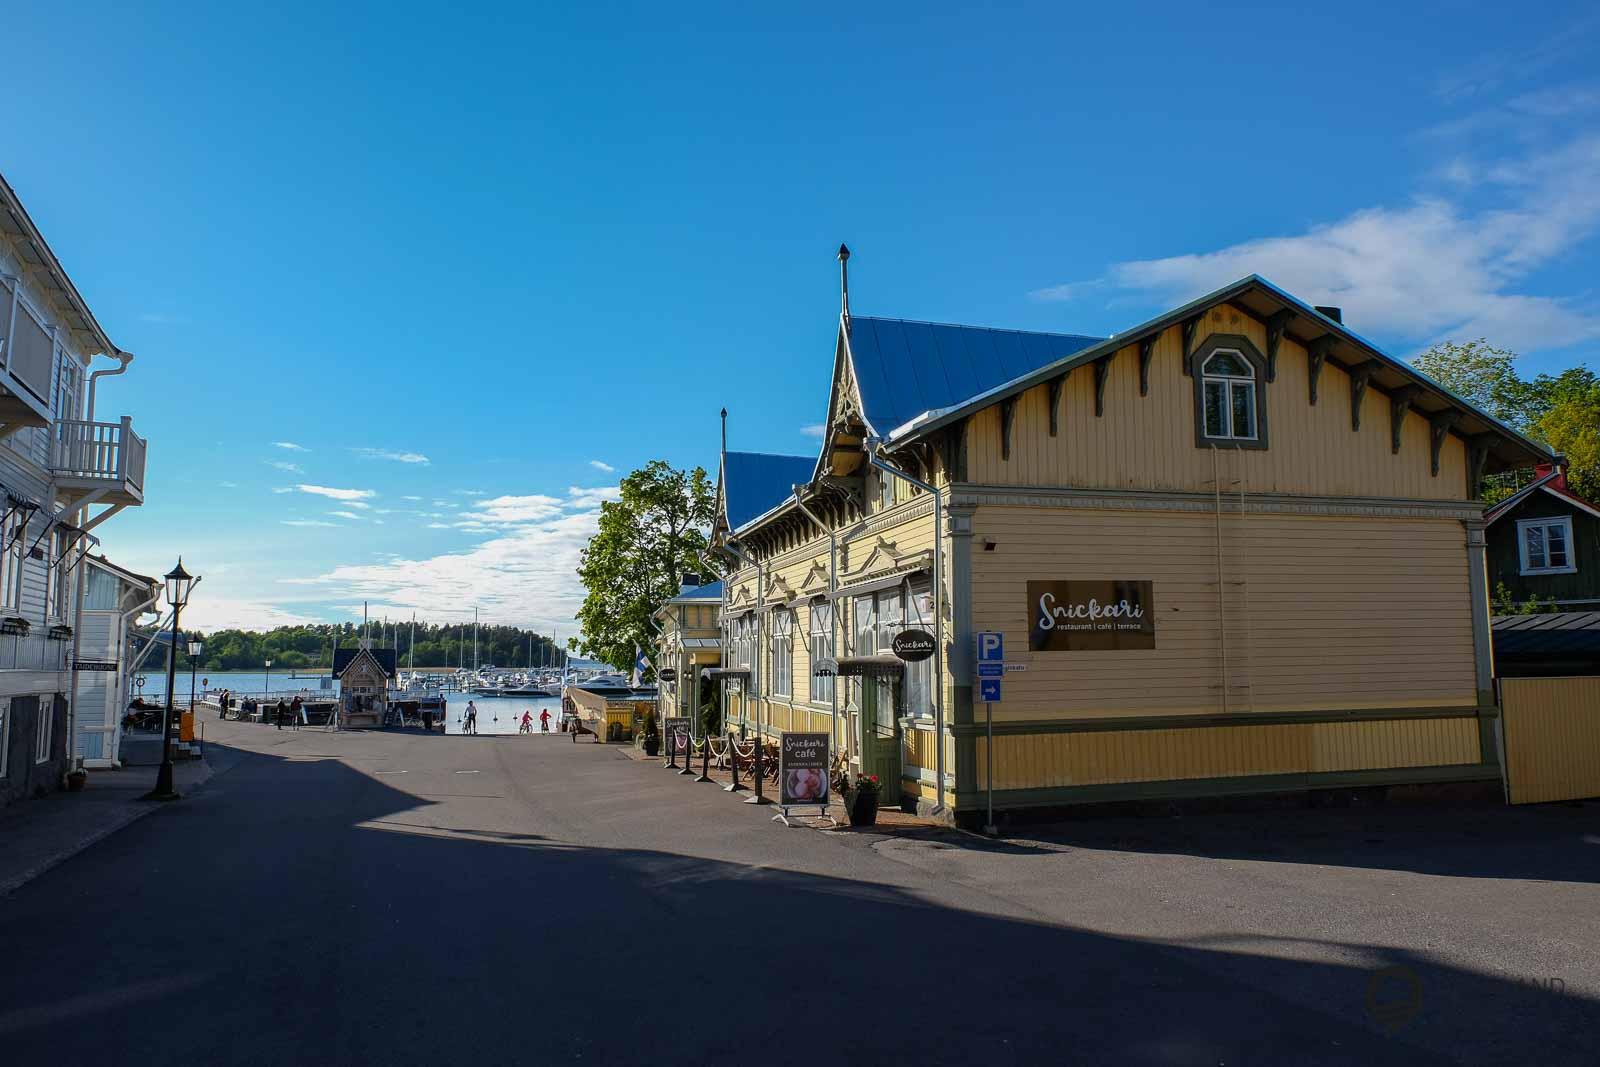 Naantali hat eine wundervolle Altstadt mit alten Holzhäusern und einem netten Hafen